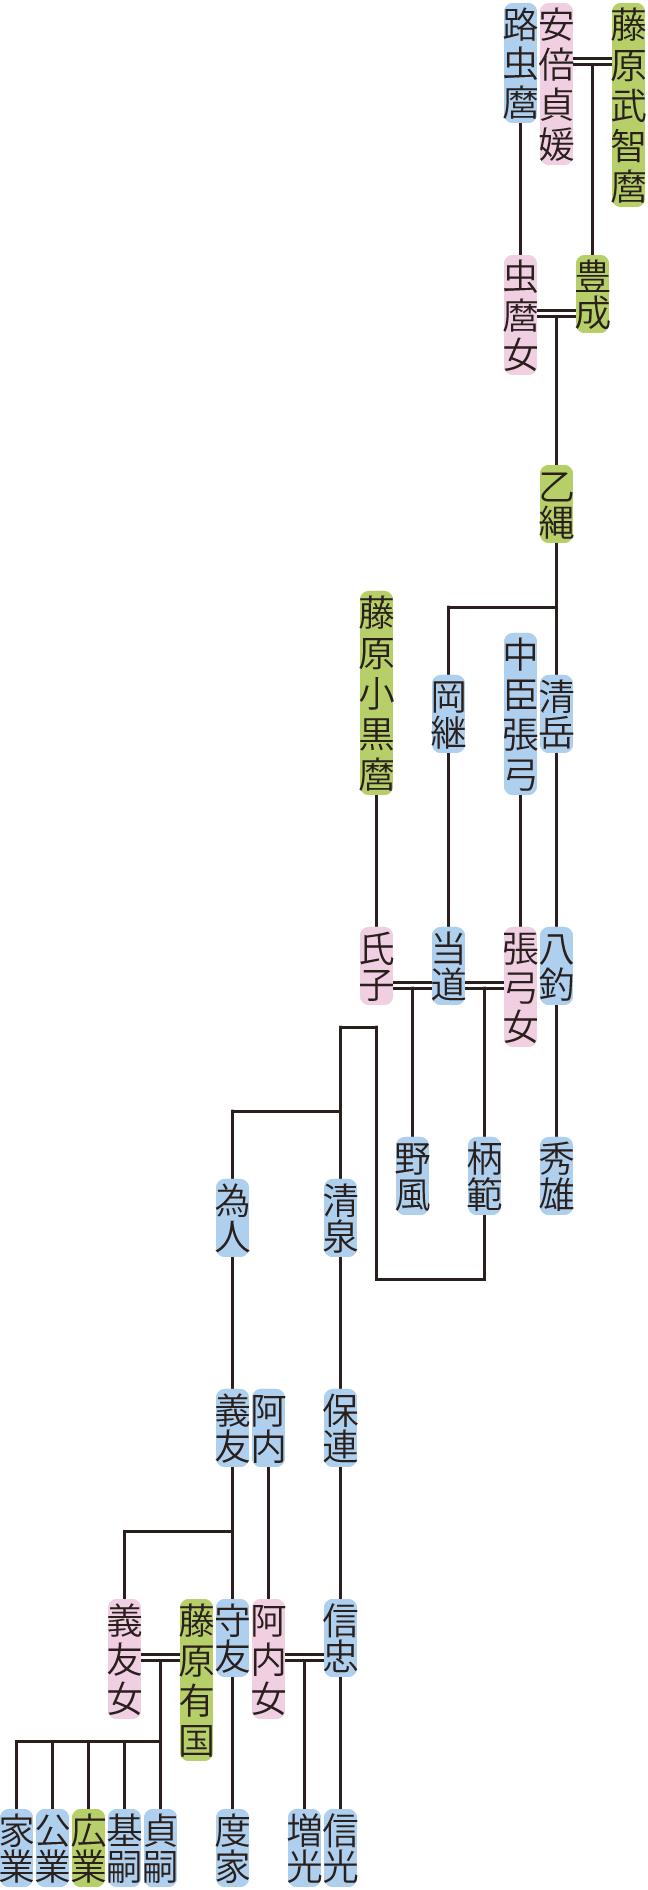 藤原乙縄の系図